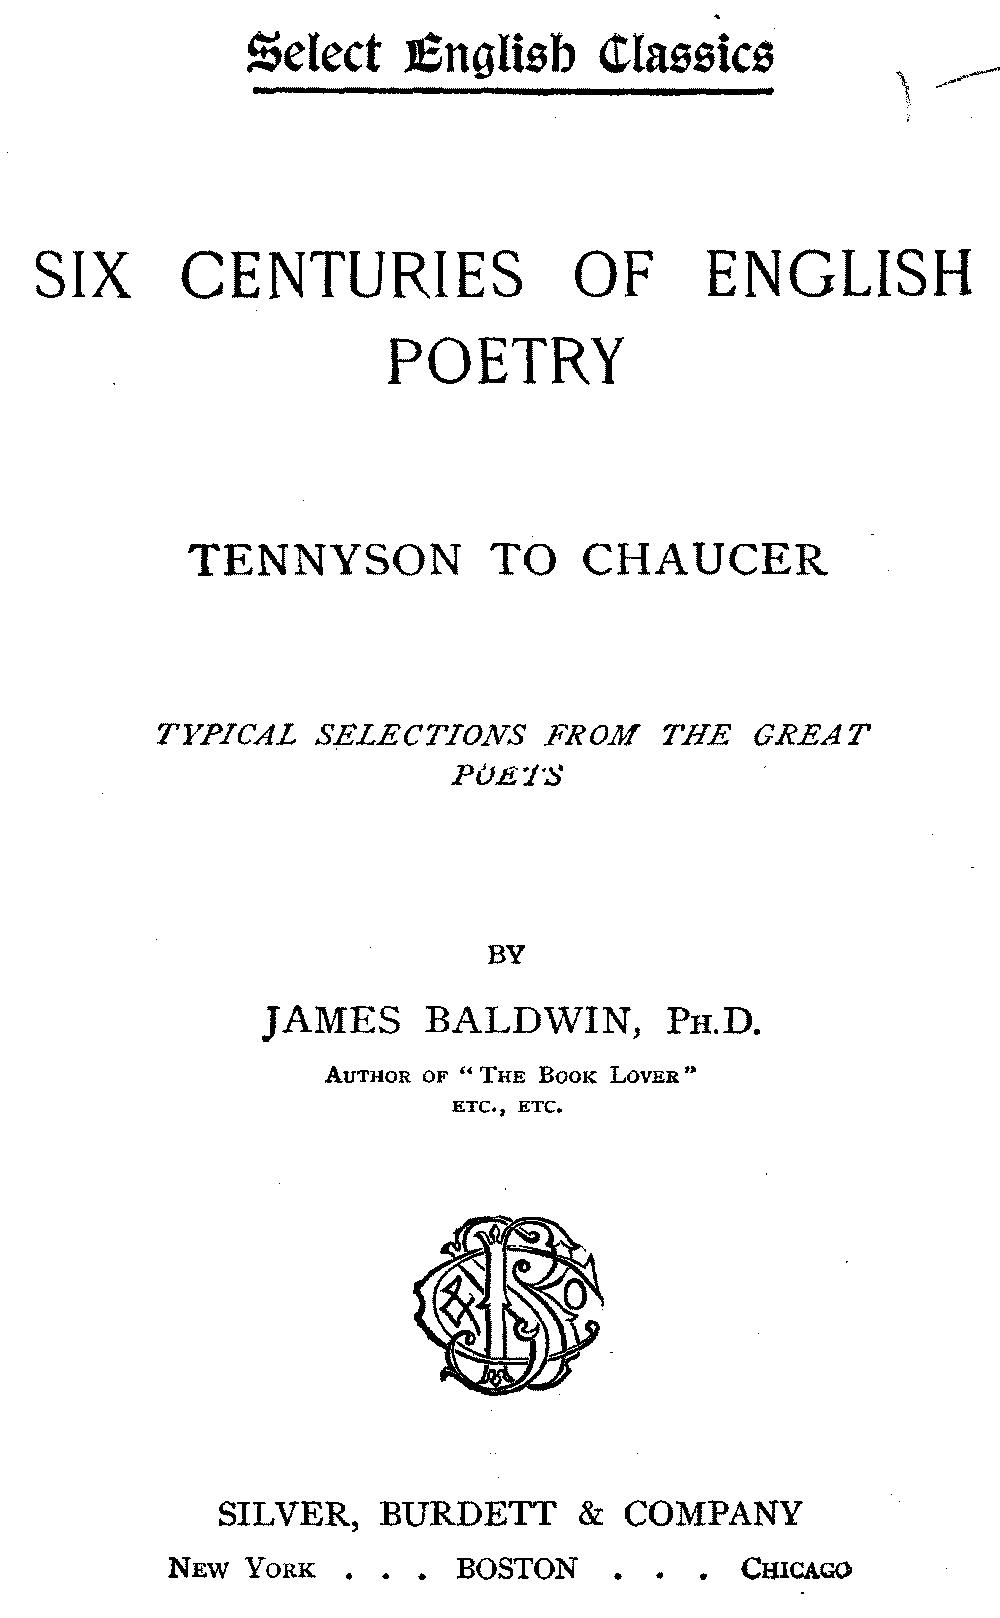 Select English Classics